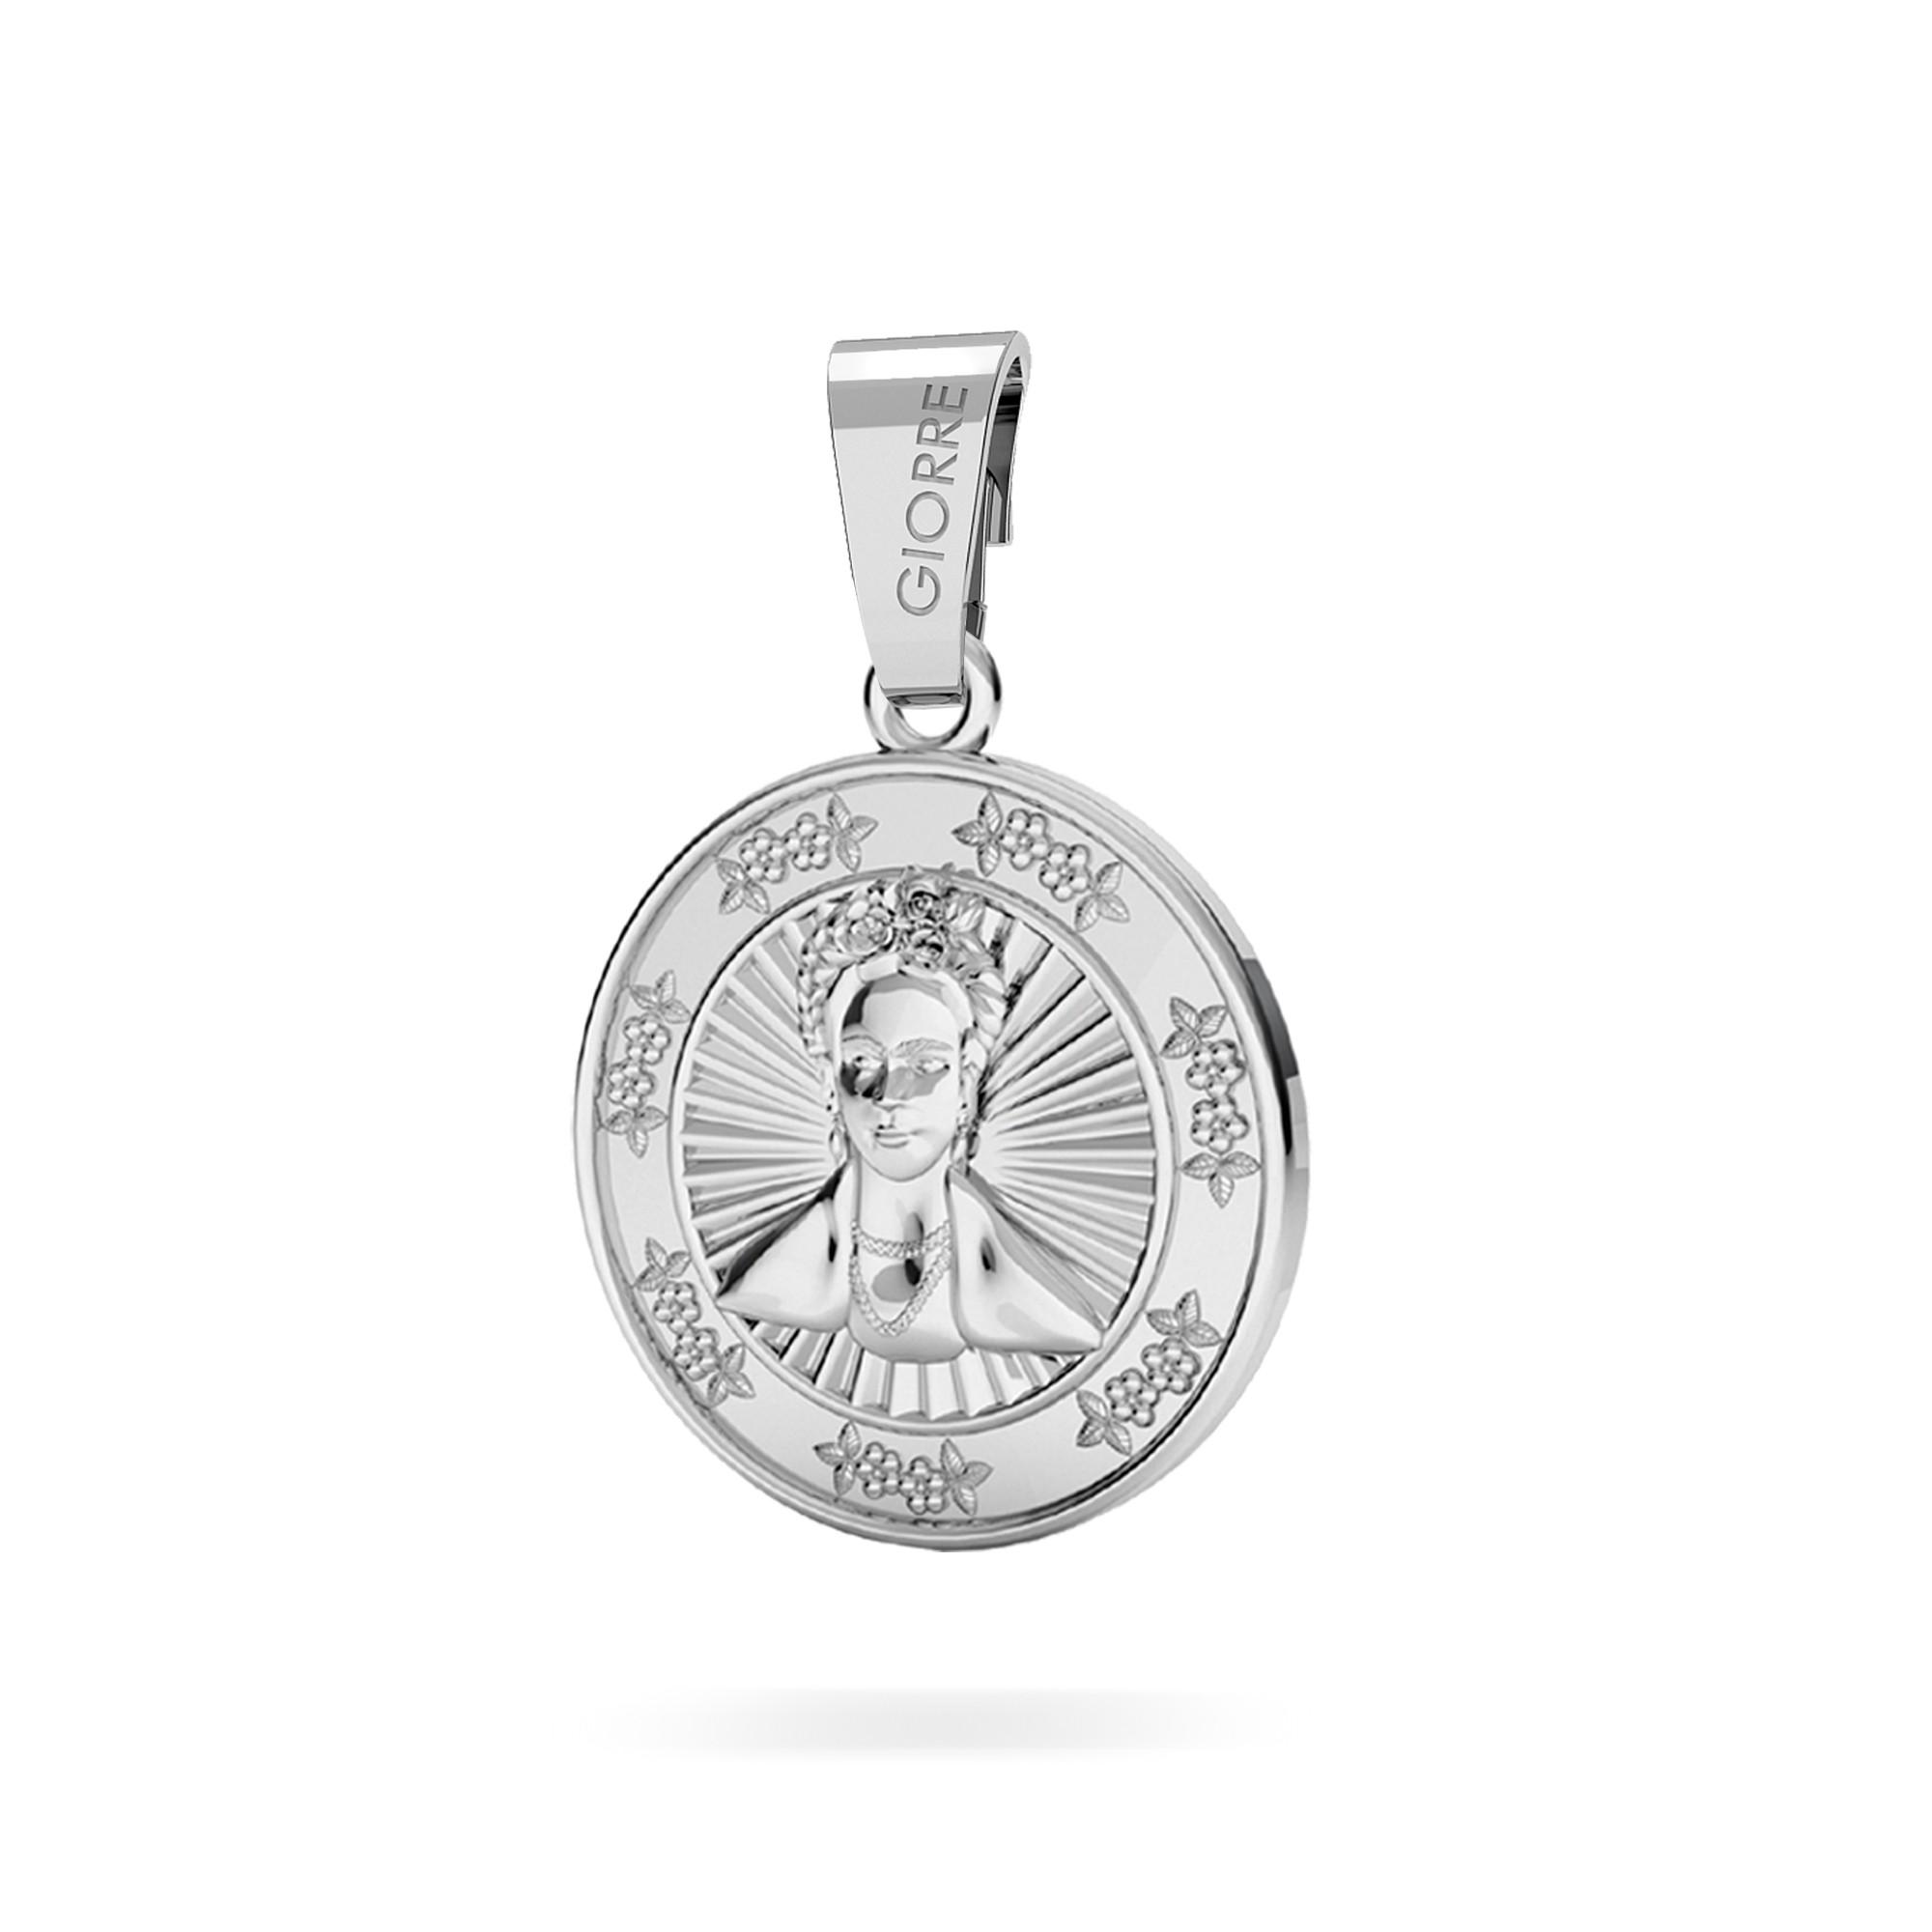 Pièce de monnaie charms pendentif argent 925